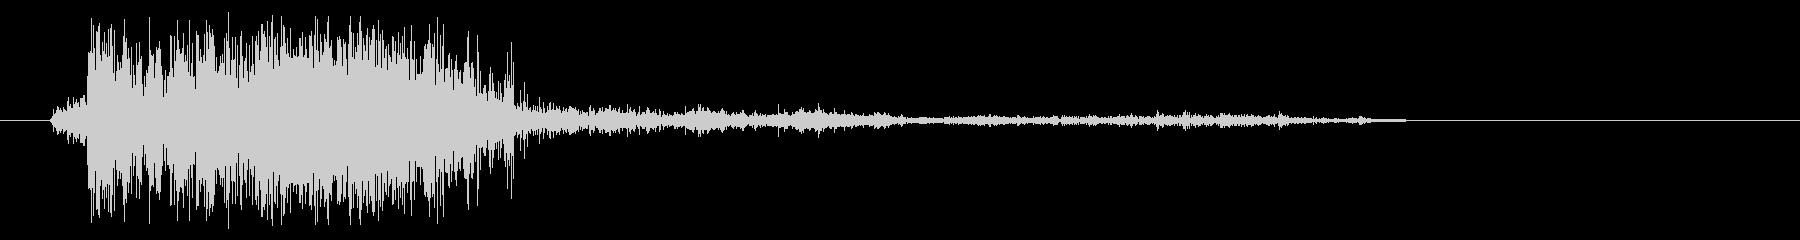 ザクッ(砂を叩く音02)の未再生の波形